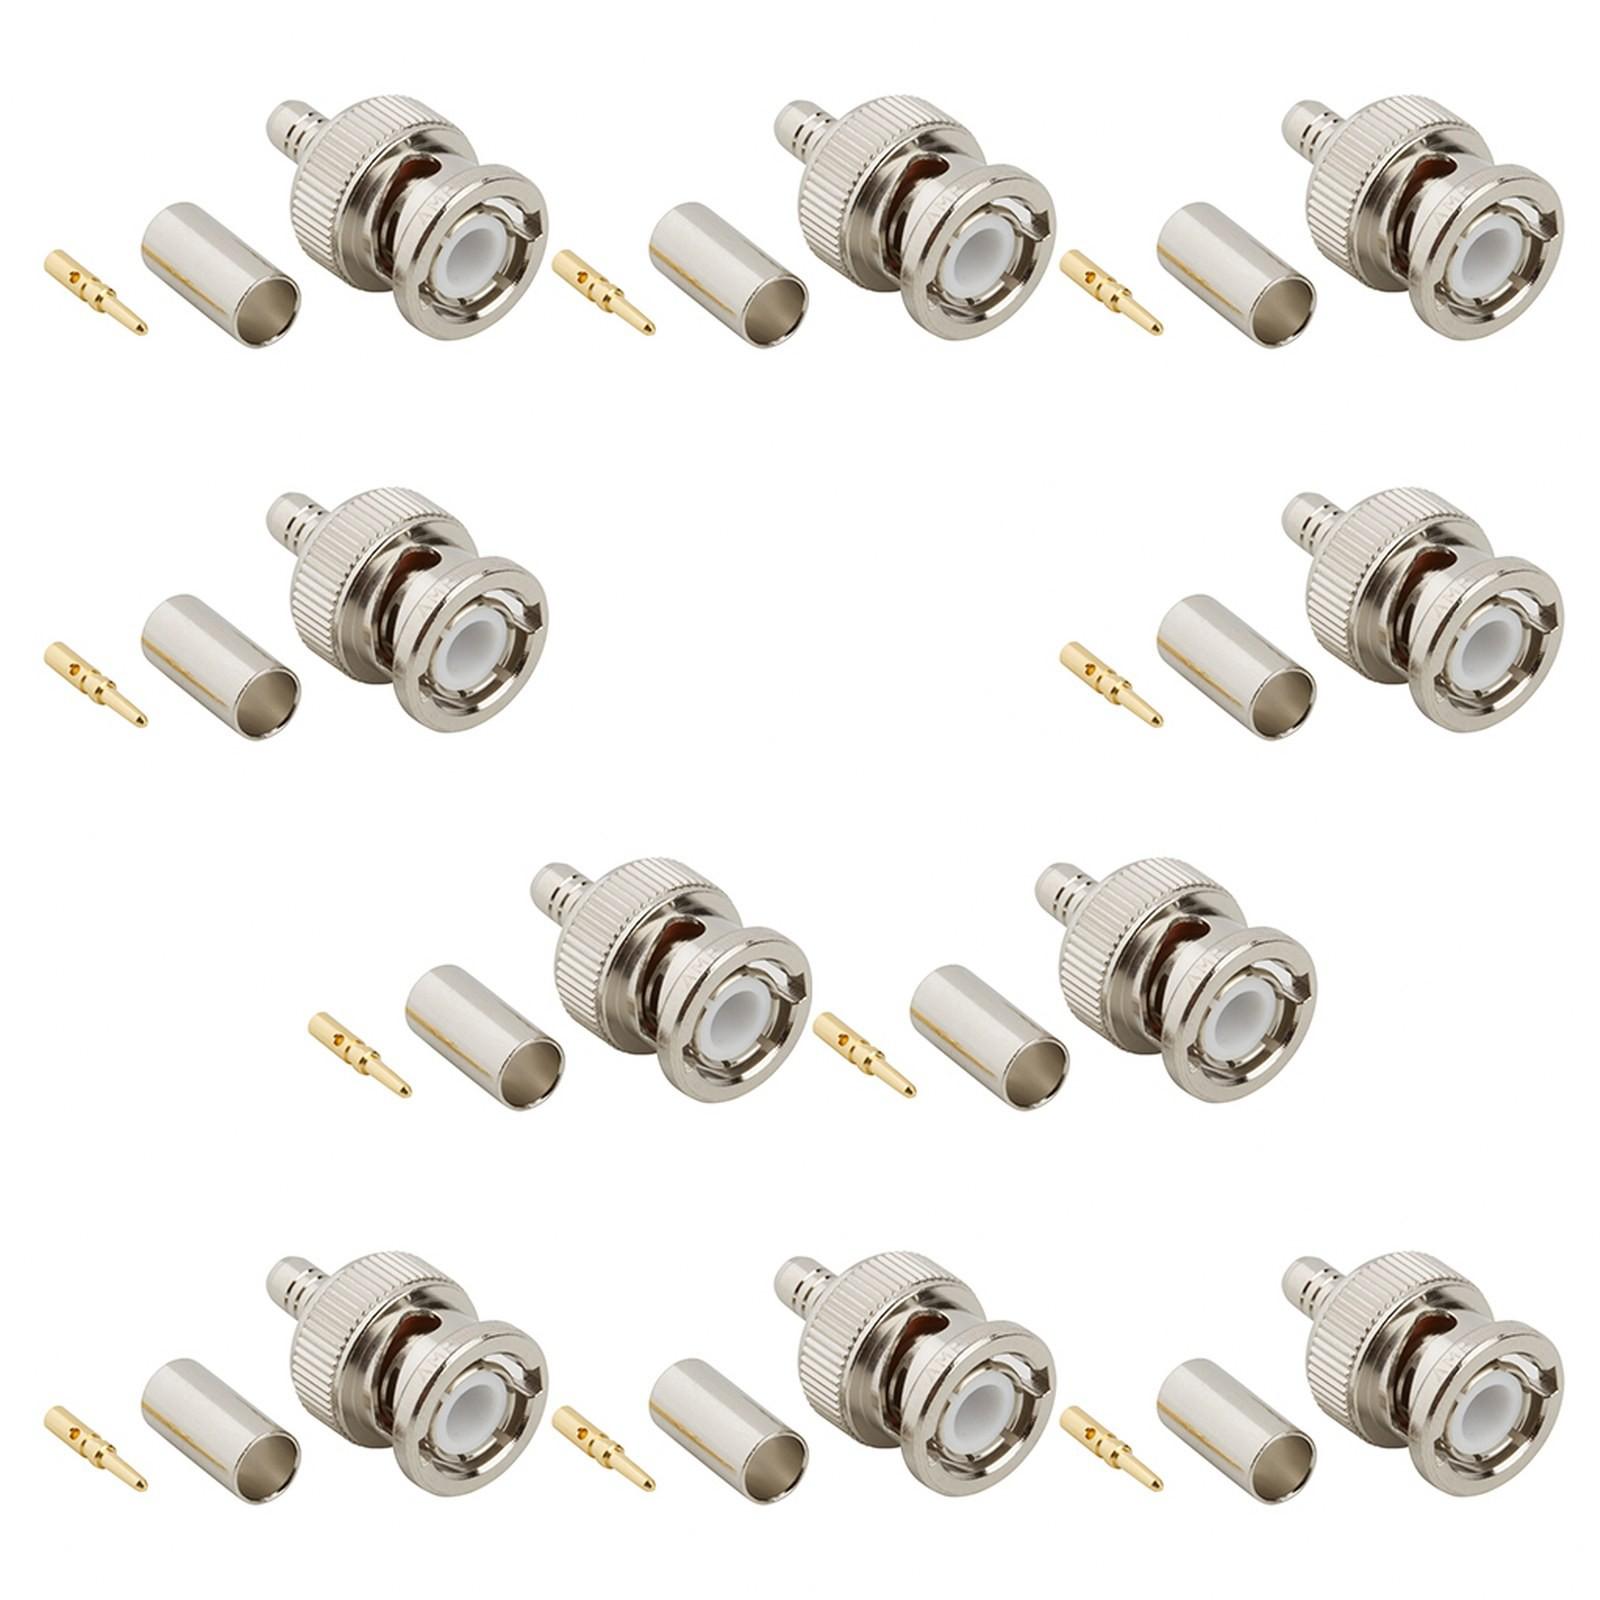 10 Adattatore Connettore BNC per Cavo Coassiale RG59 a Crimpare CCTV Telecamera - Area Illumina